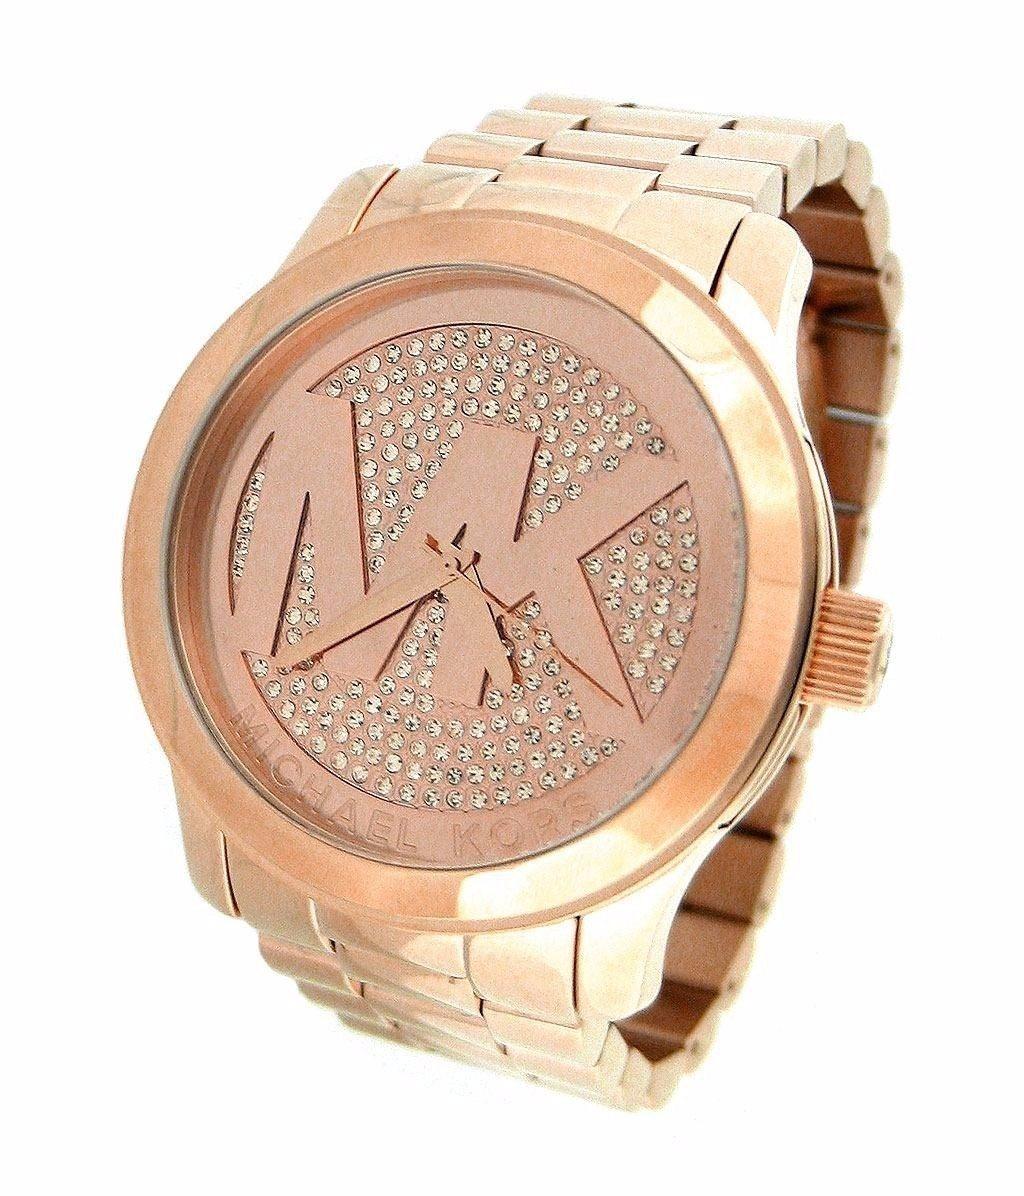 7d50e0a7ed4 relógio feminino mk rose com strass-barato-luxo+lancamento. Carregando zoom.